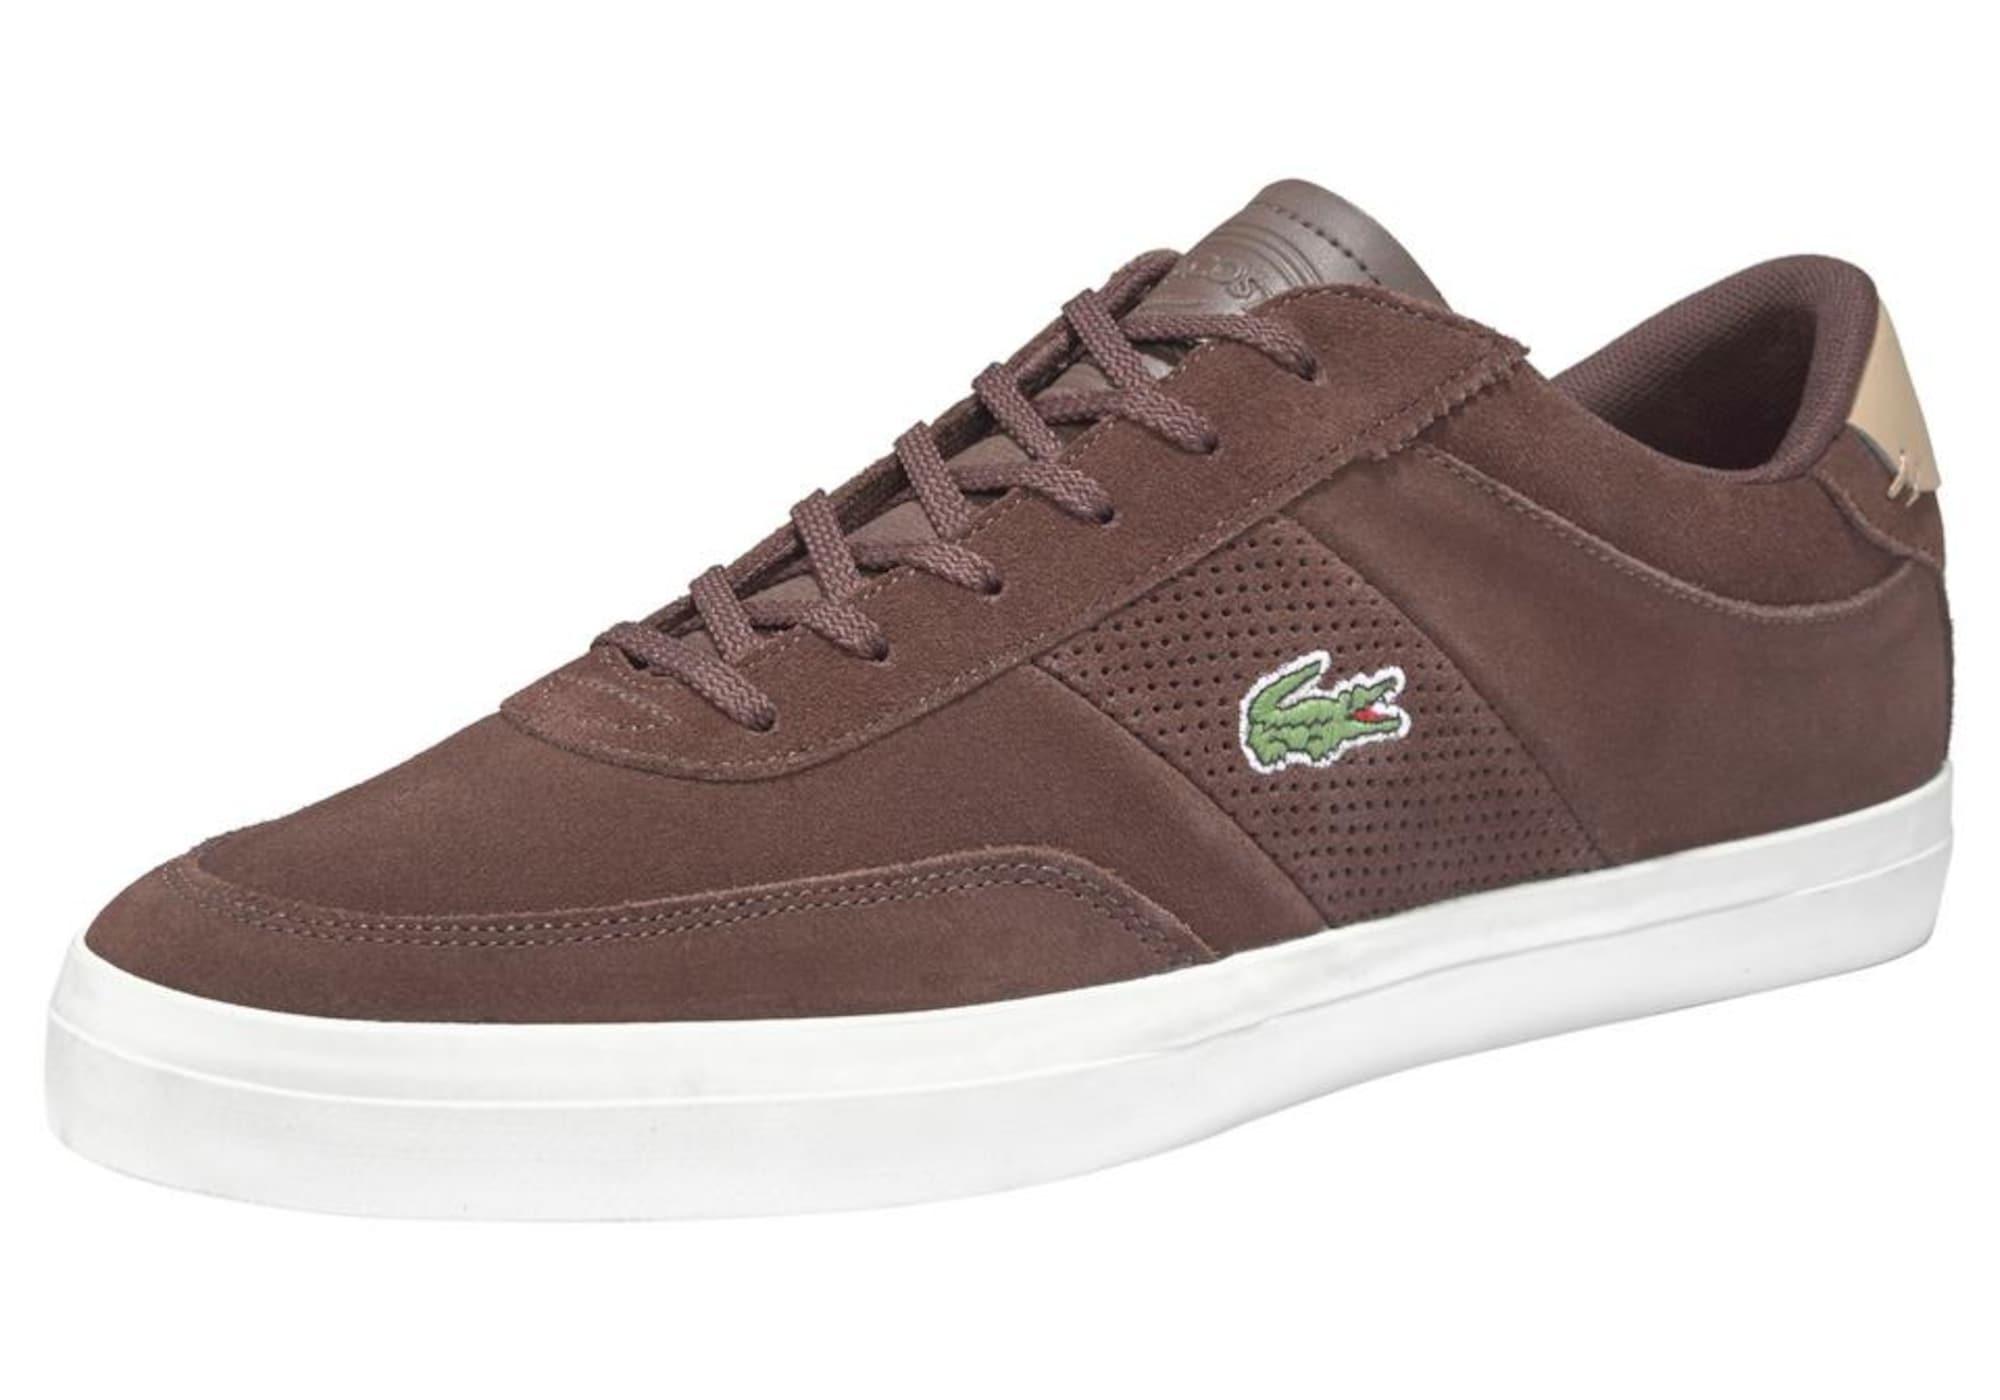 Sneakers Pkxn80wo 04059954359104 Low Ottosale Herren Blaugrau Rieker dBoerCx